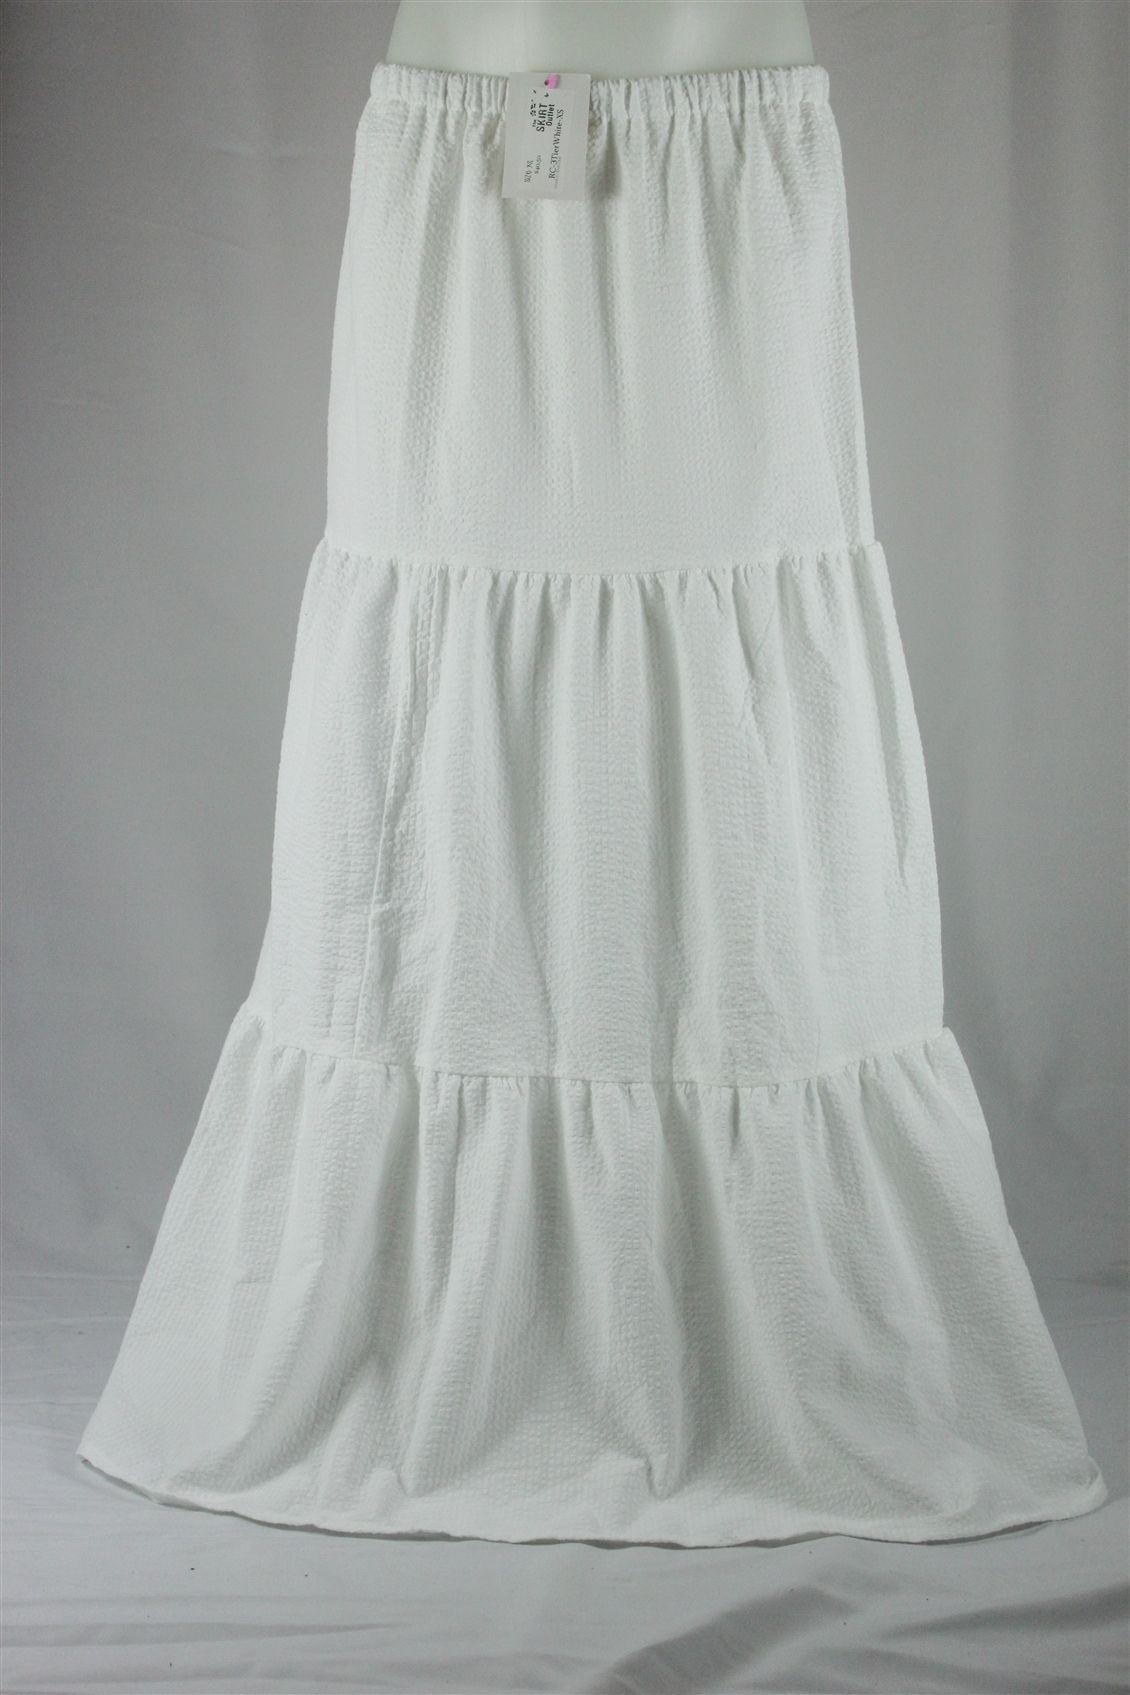 Blue skirt Long skirt fashon skirts women Skirts white quarter ...